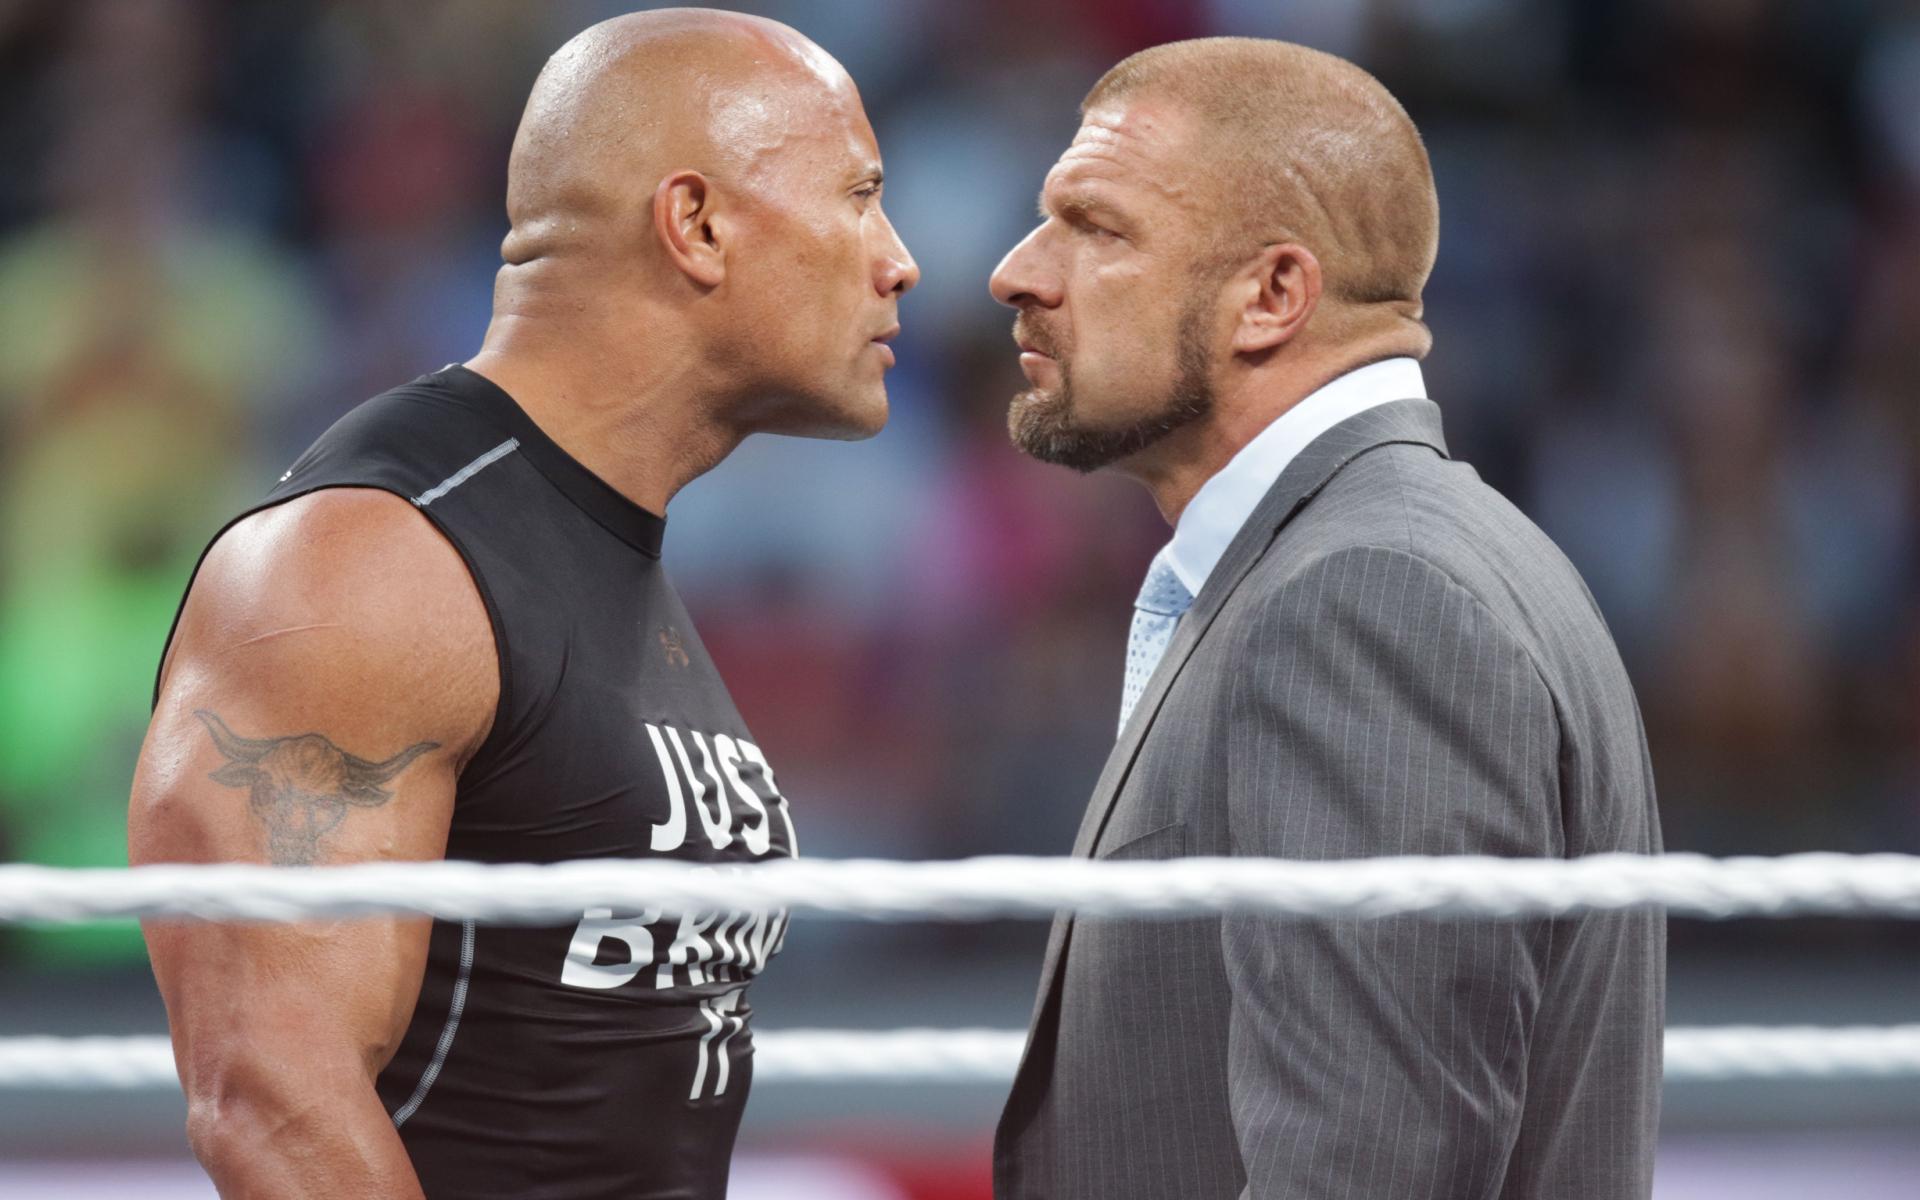 Фото: Дуэйн «Скала» Джонсон (слева) на турнире по рестлингу (Don Feria/AP Images for WWE)